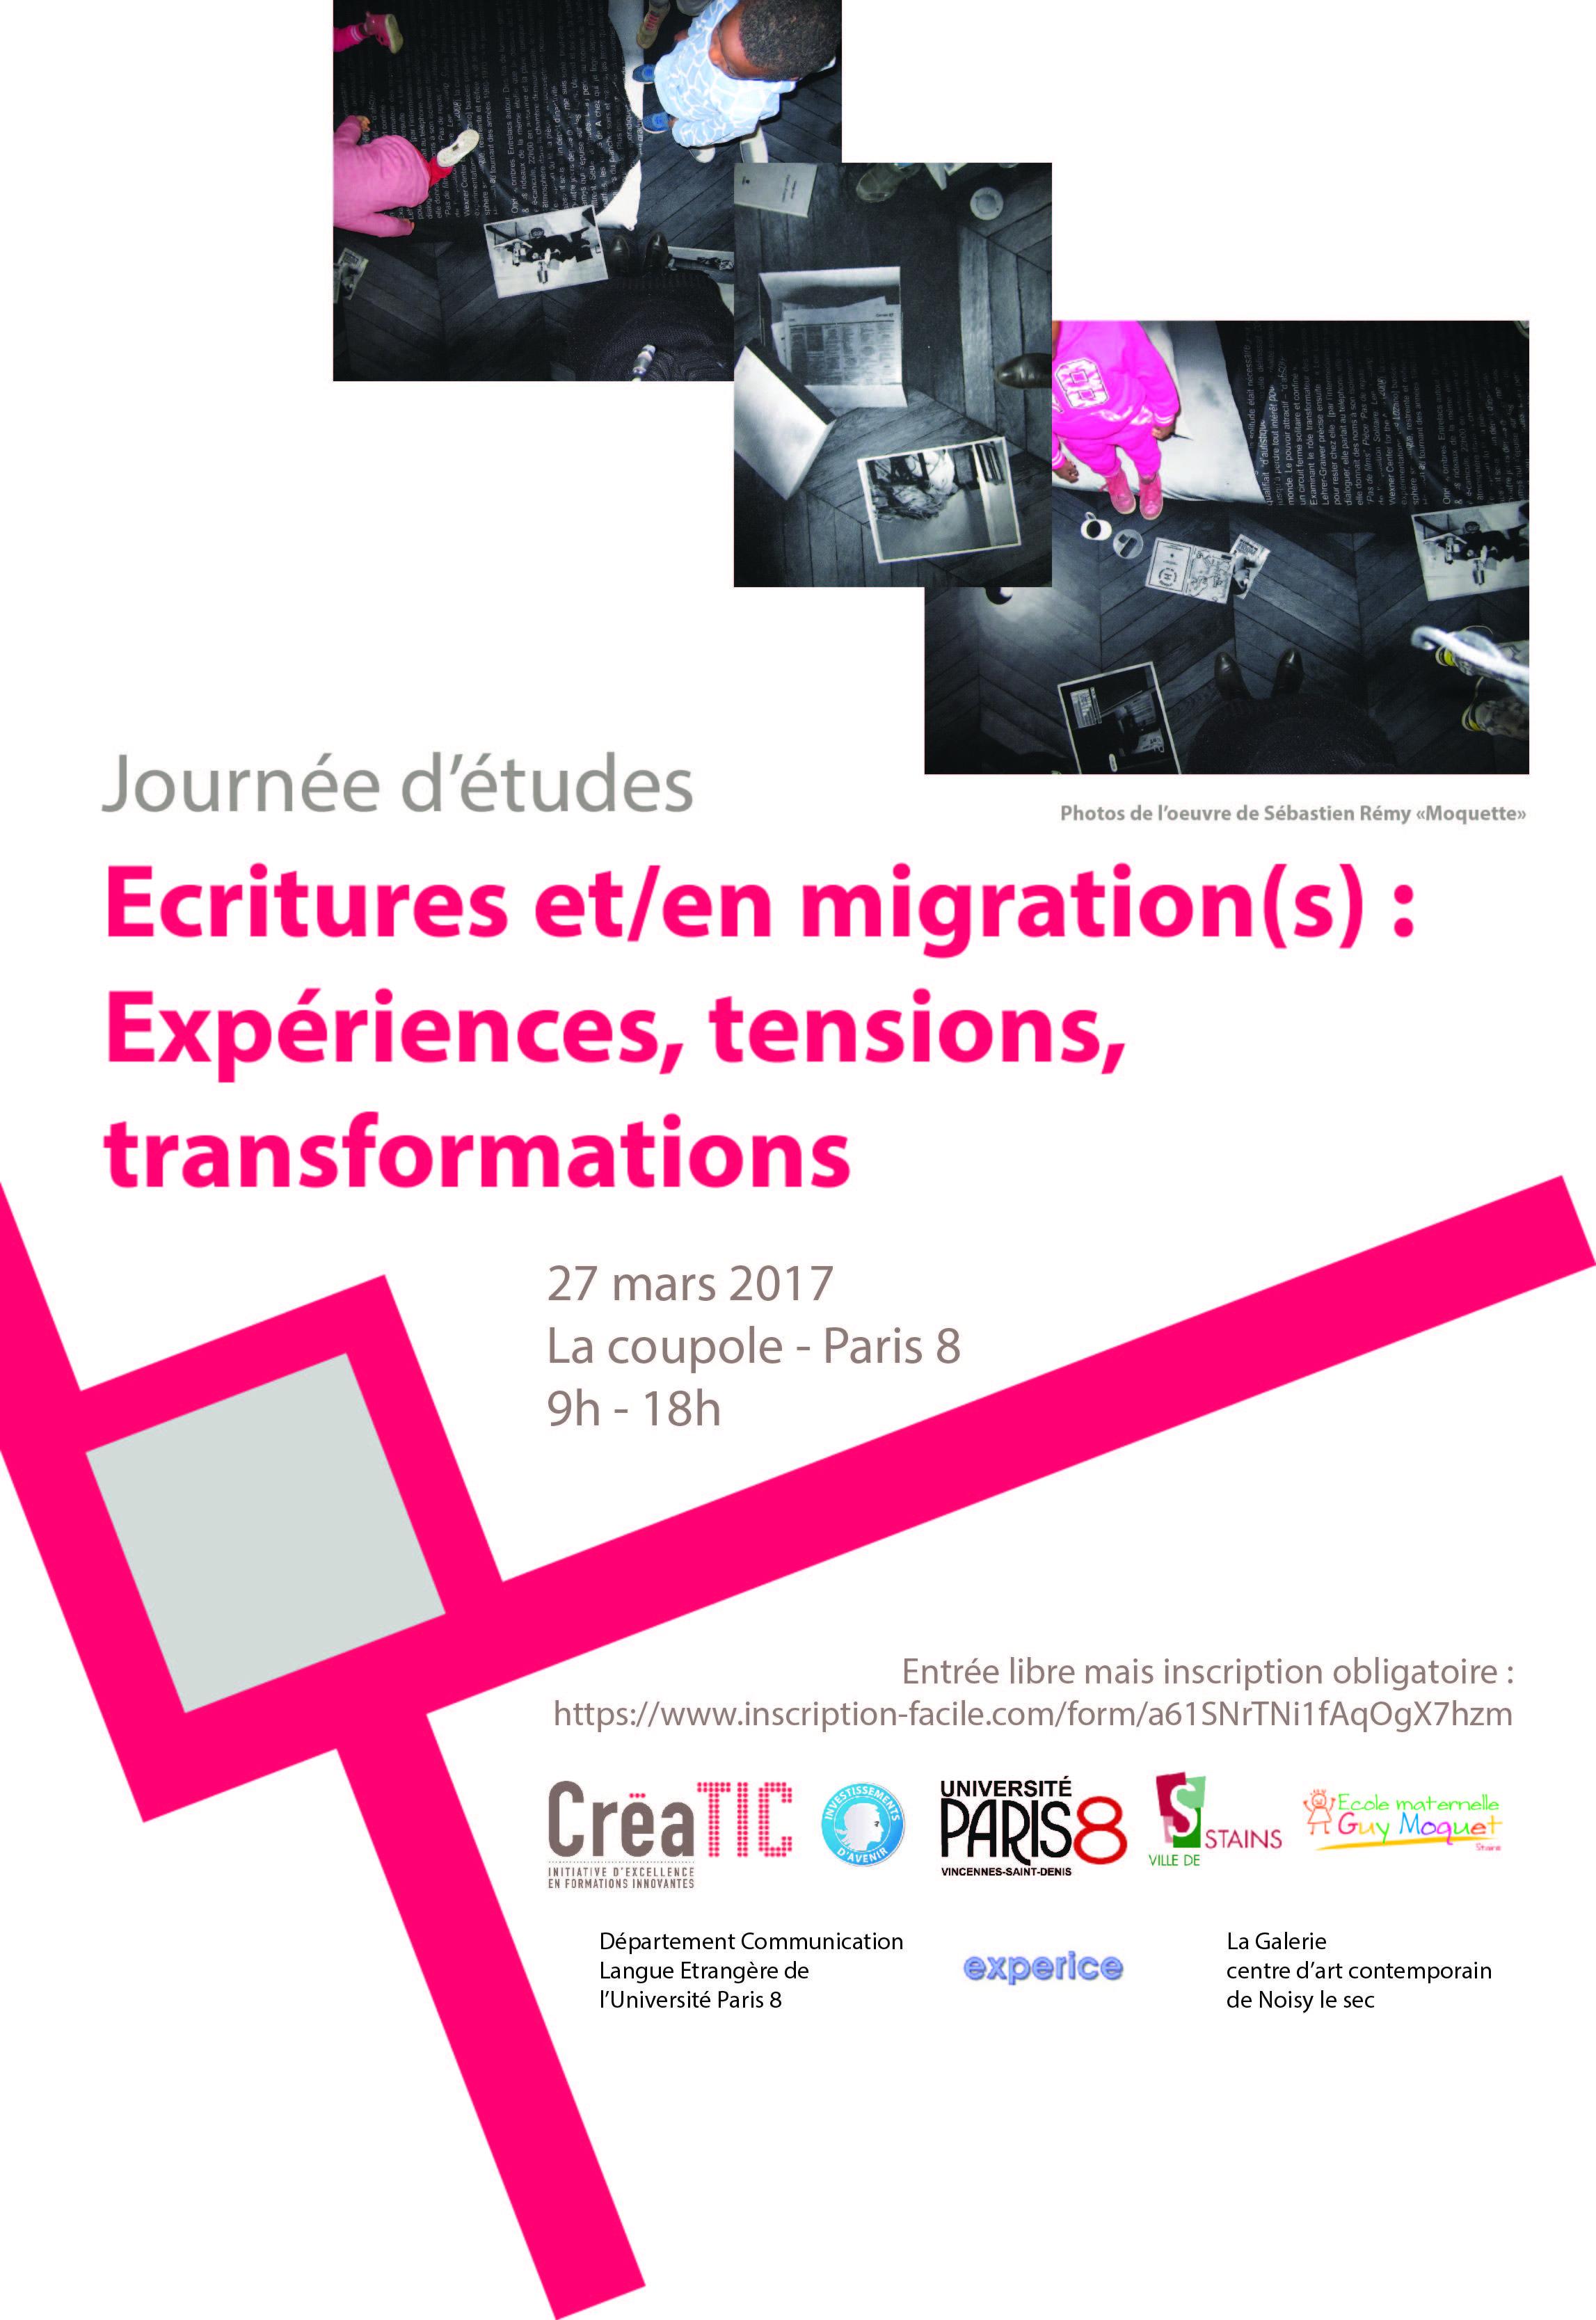 La Journée d'études « Écritures et/en migration(s